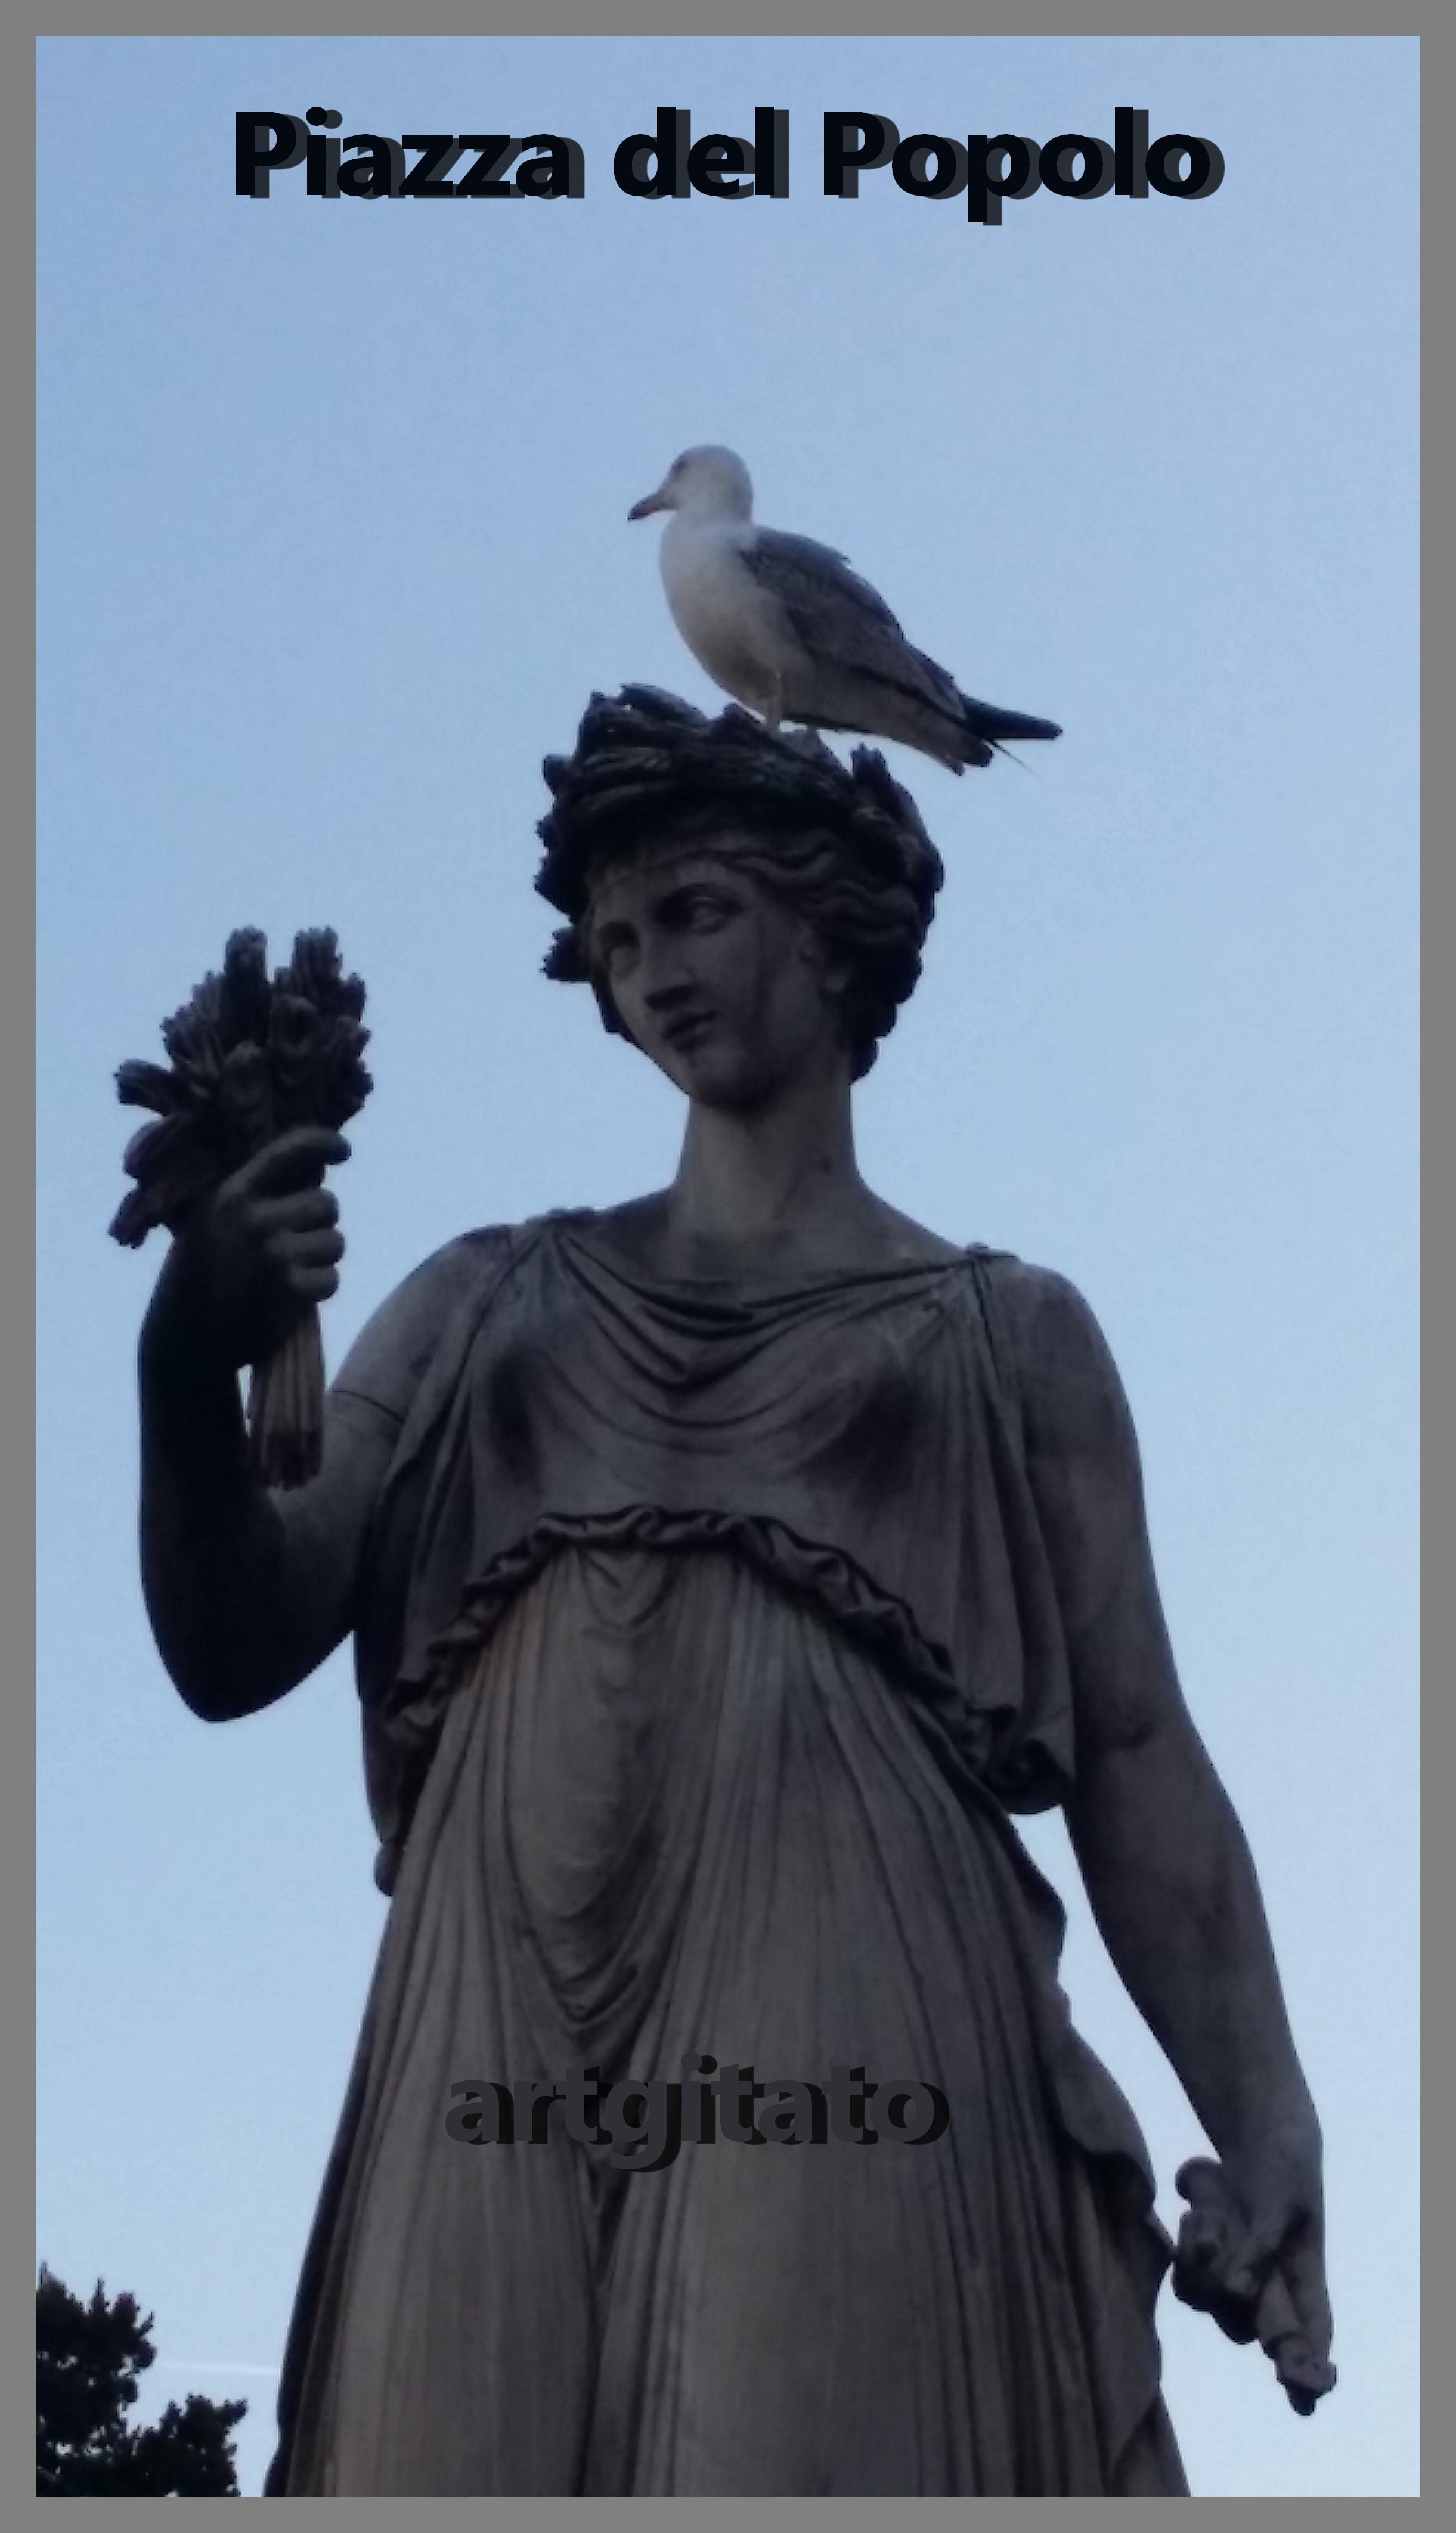 Piazza del Navone Artgitato 3